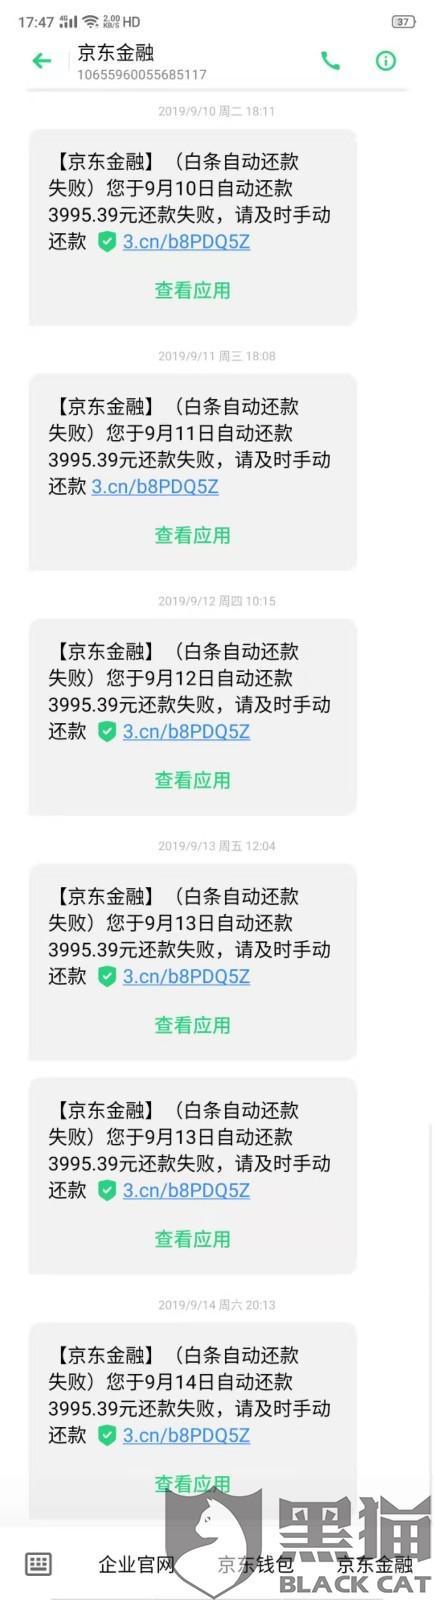 黑猫投诉:刚办理的手机号京东白条天天发短信催账